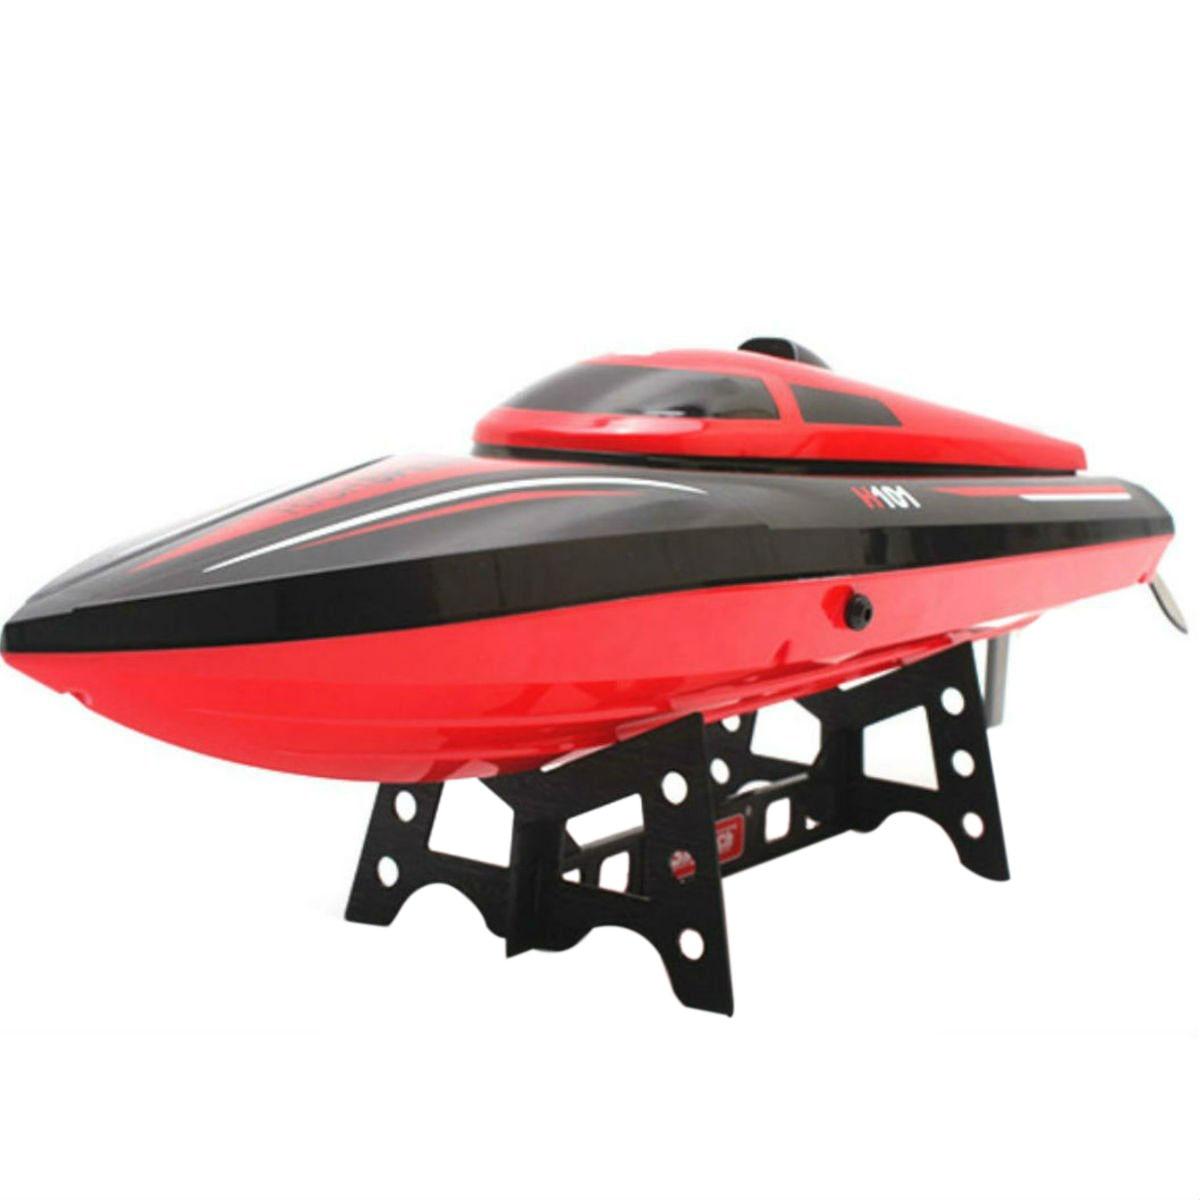 Bateau électrique télécommandé haute vitesse Skytech H101 2.4GHz pour piscines, lacs et aventures en plein air